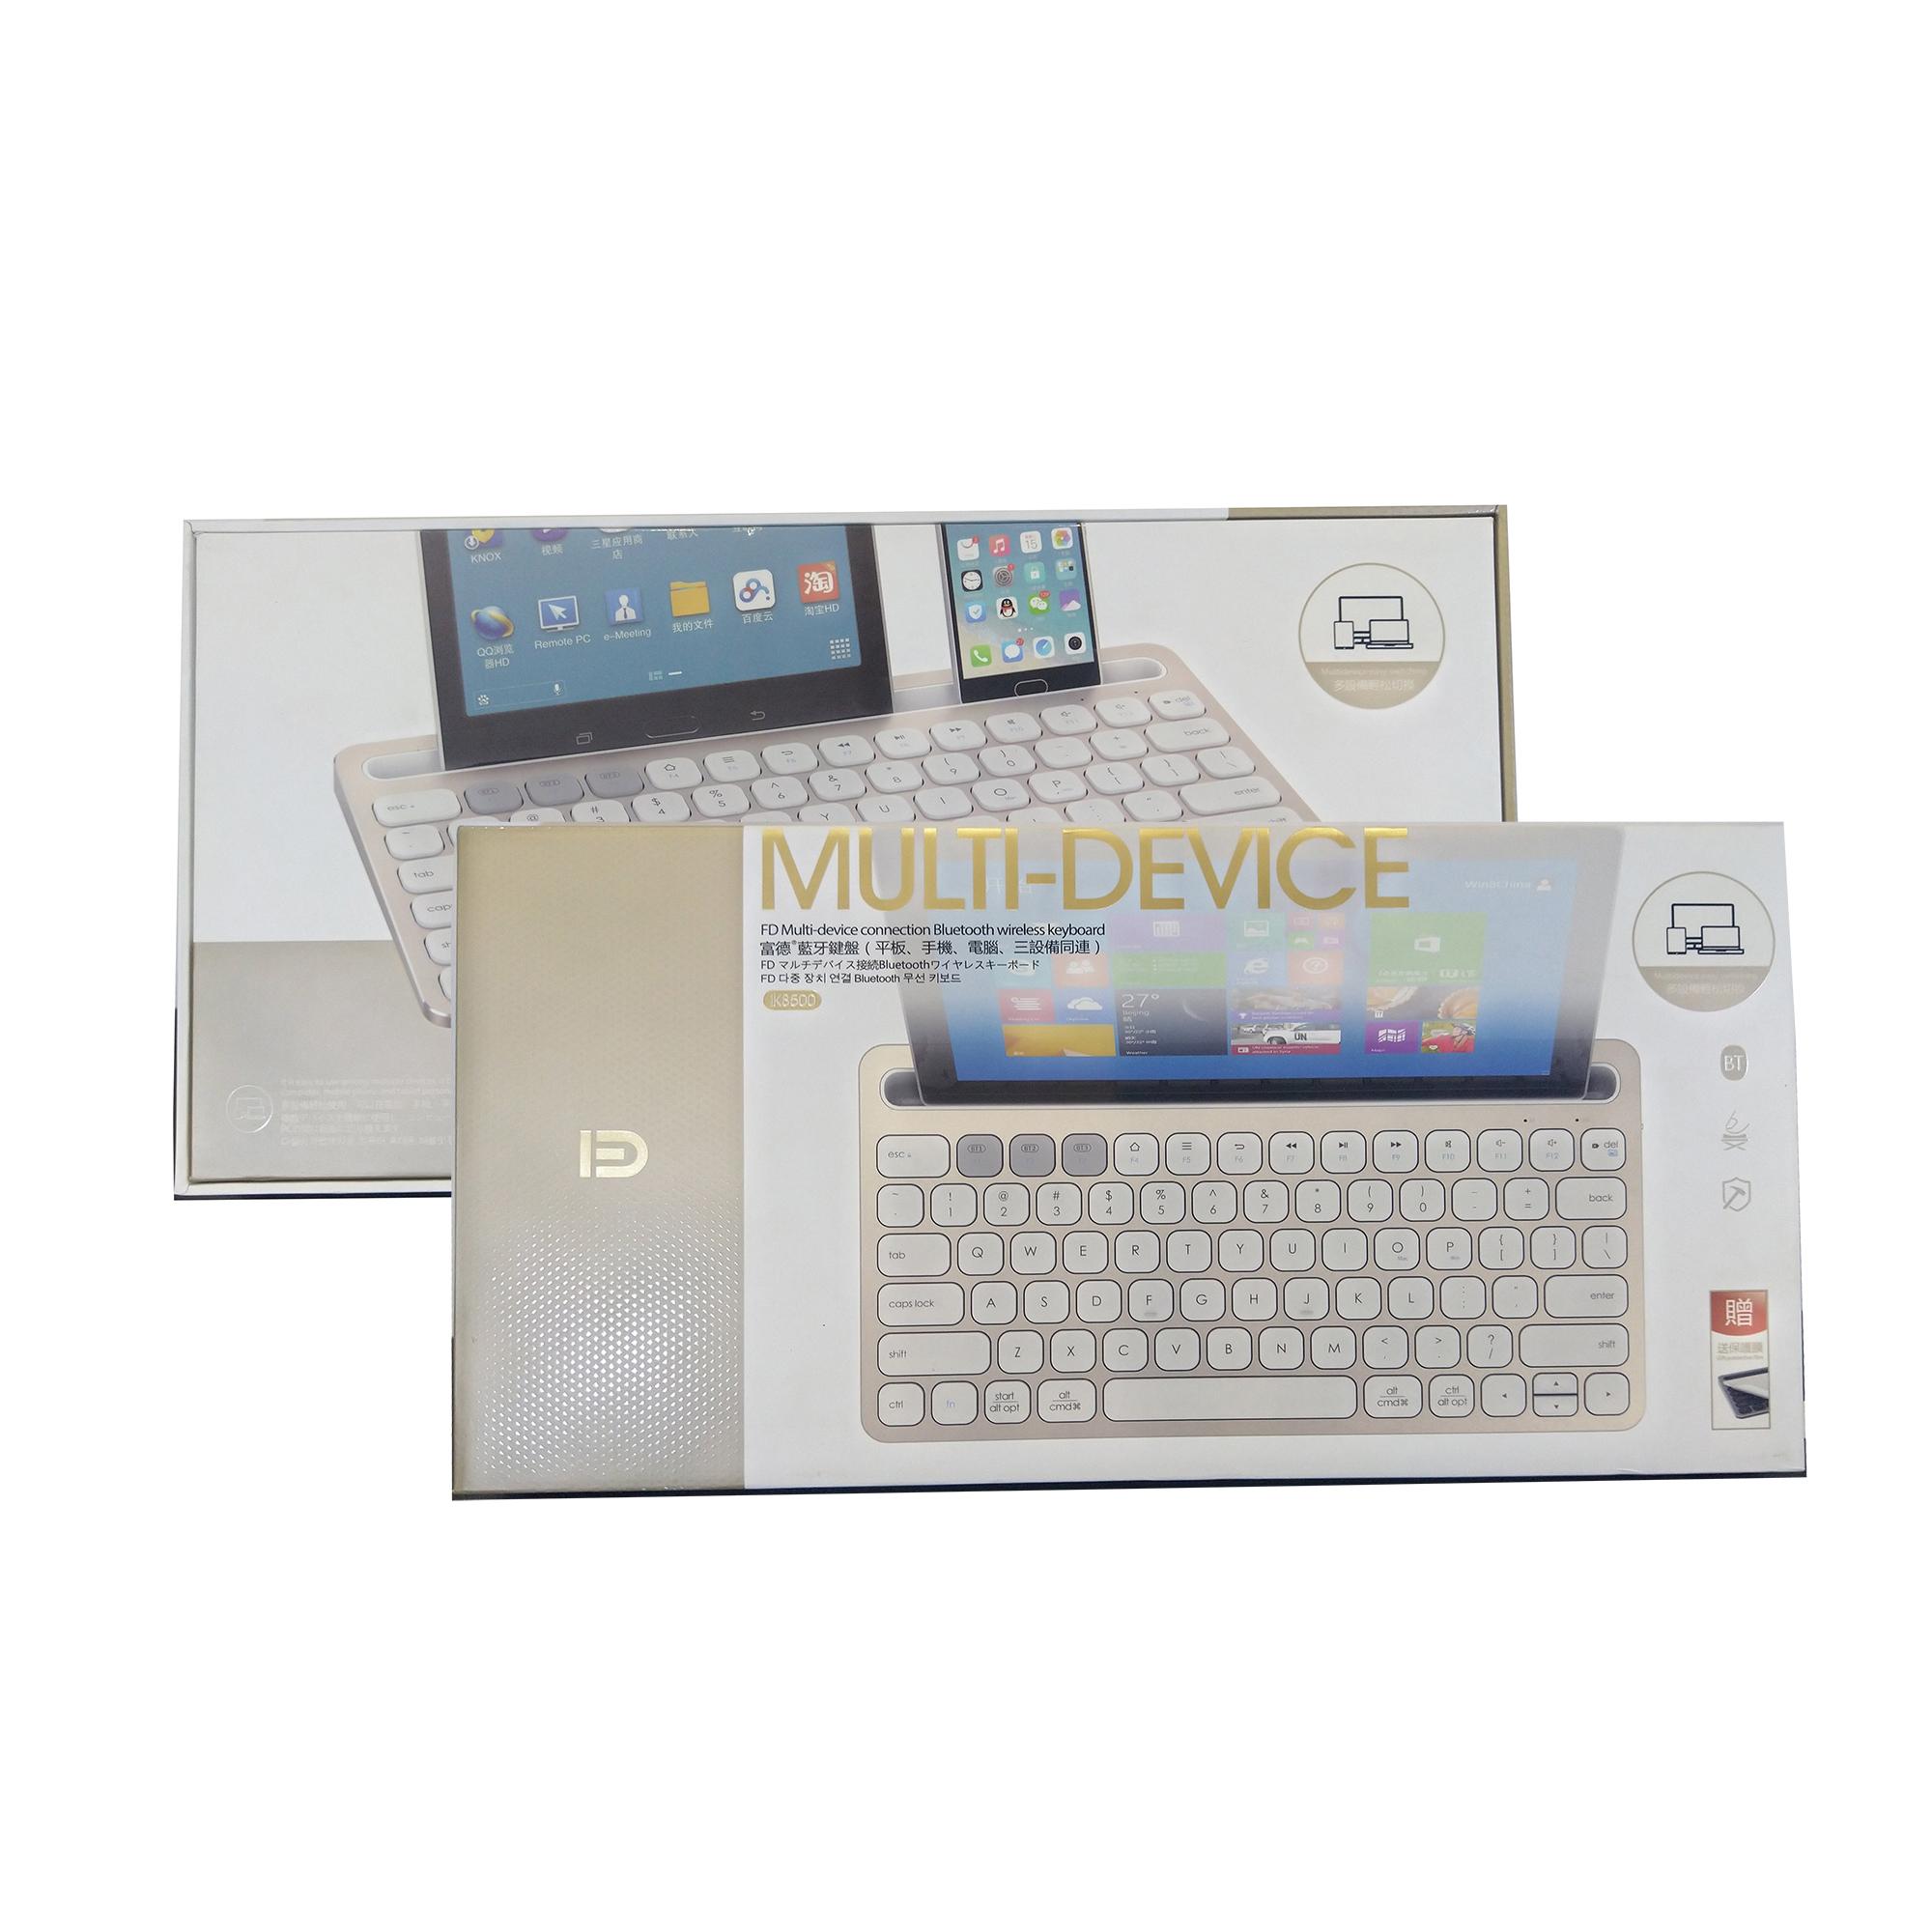 Bàn Phím Bluetooth Forder FD iK8500 - (Keyborad Bluetooth FD - iK8500) - Hàng Chính Hãng